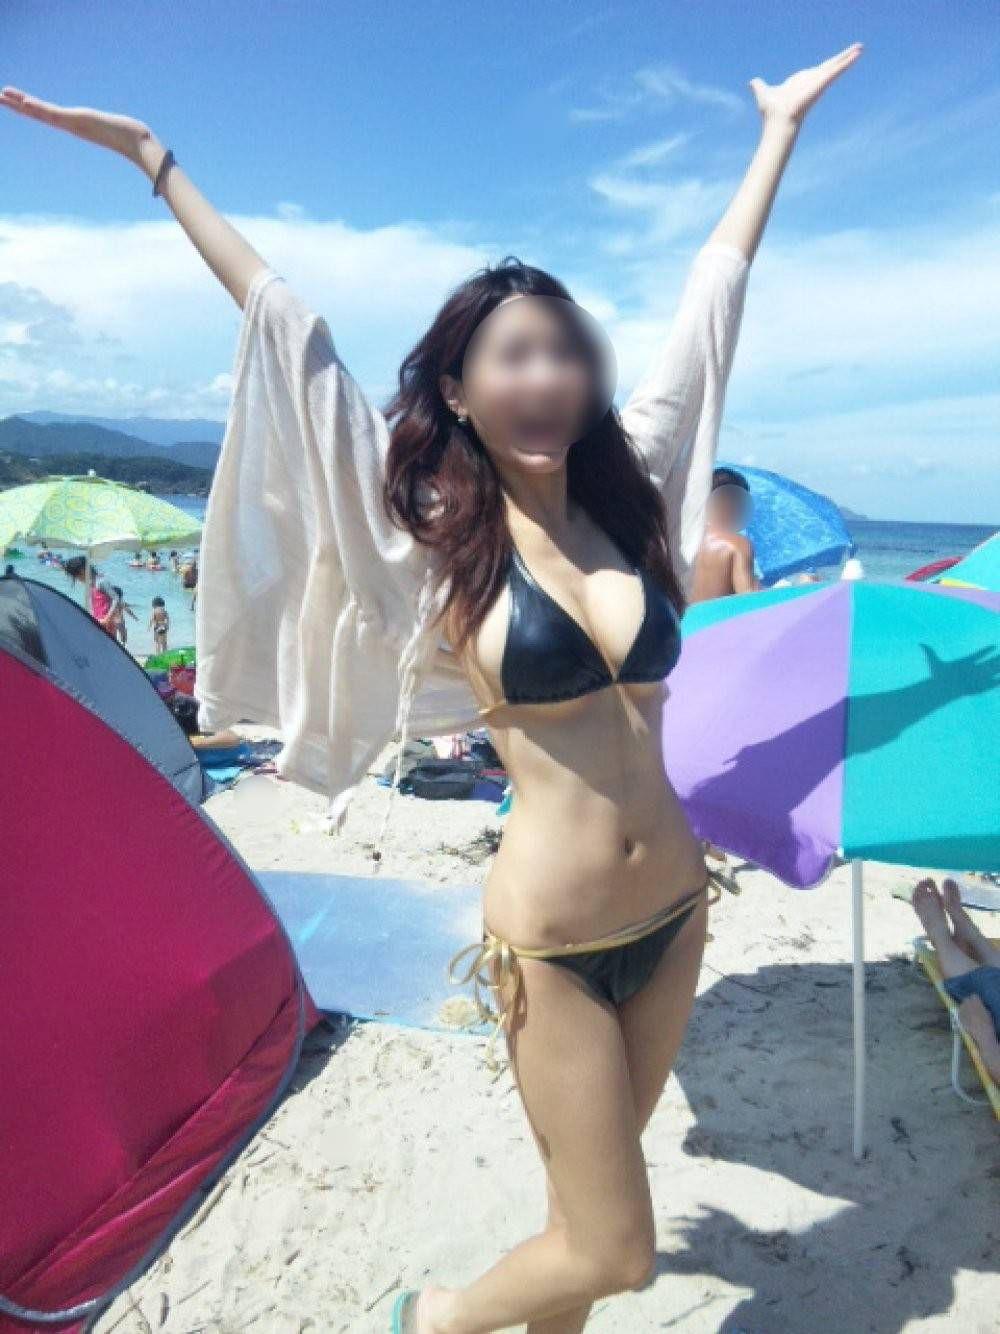 【水着エロ画像】イイ発育っぷりをビーチで見せるビキニ巨乳ギャル!(;´Д`)